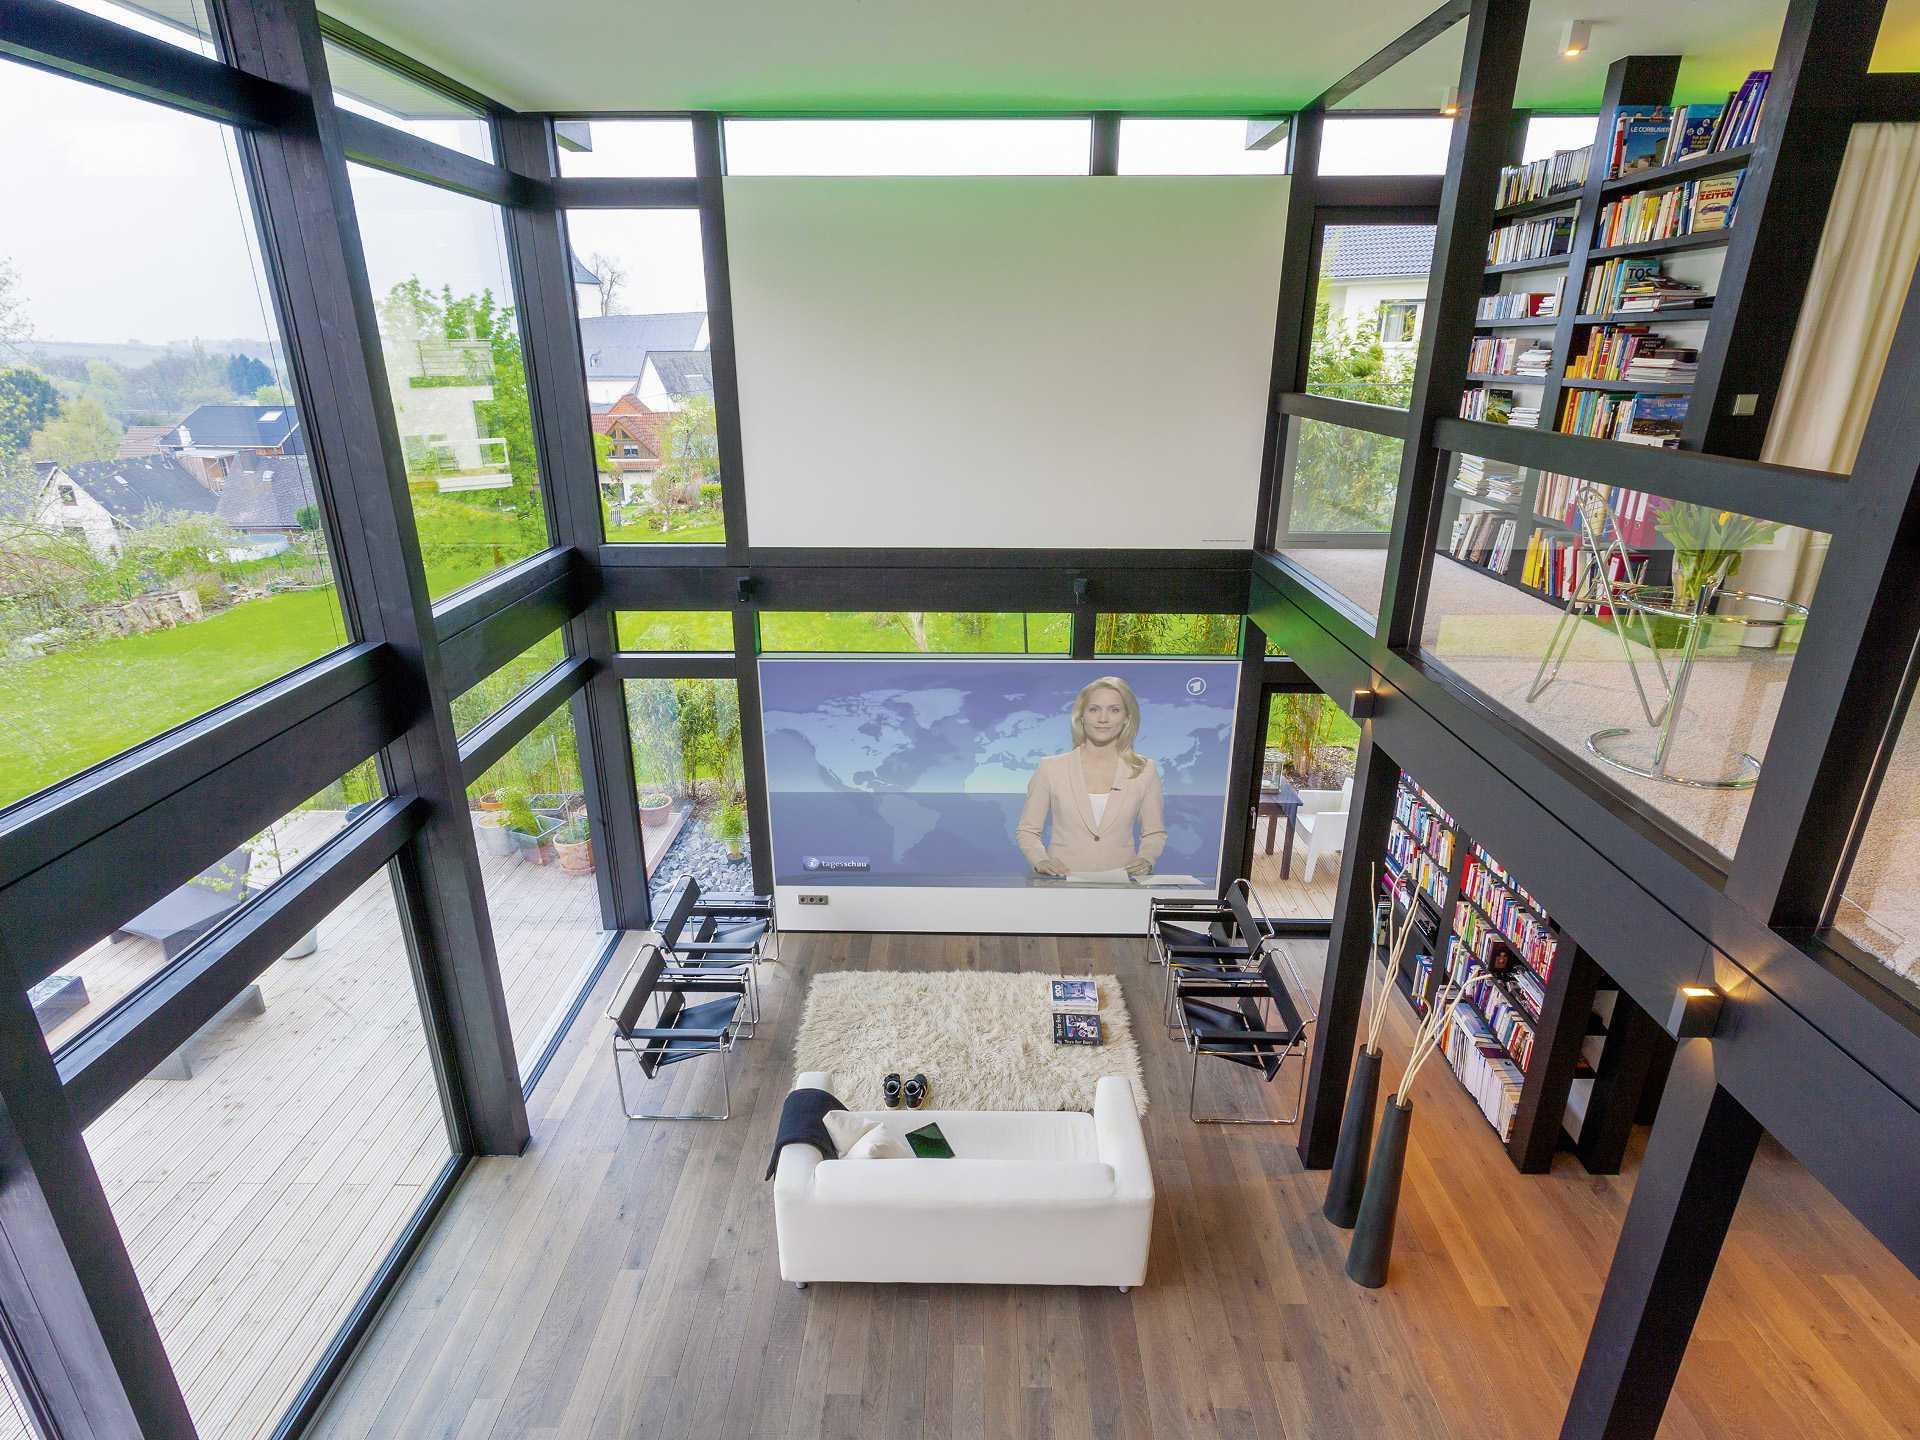 HUF Haus modum: 7:10 - Blick von oben